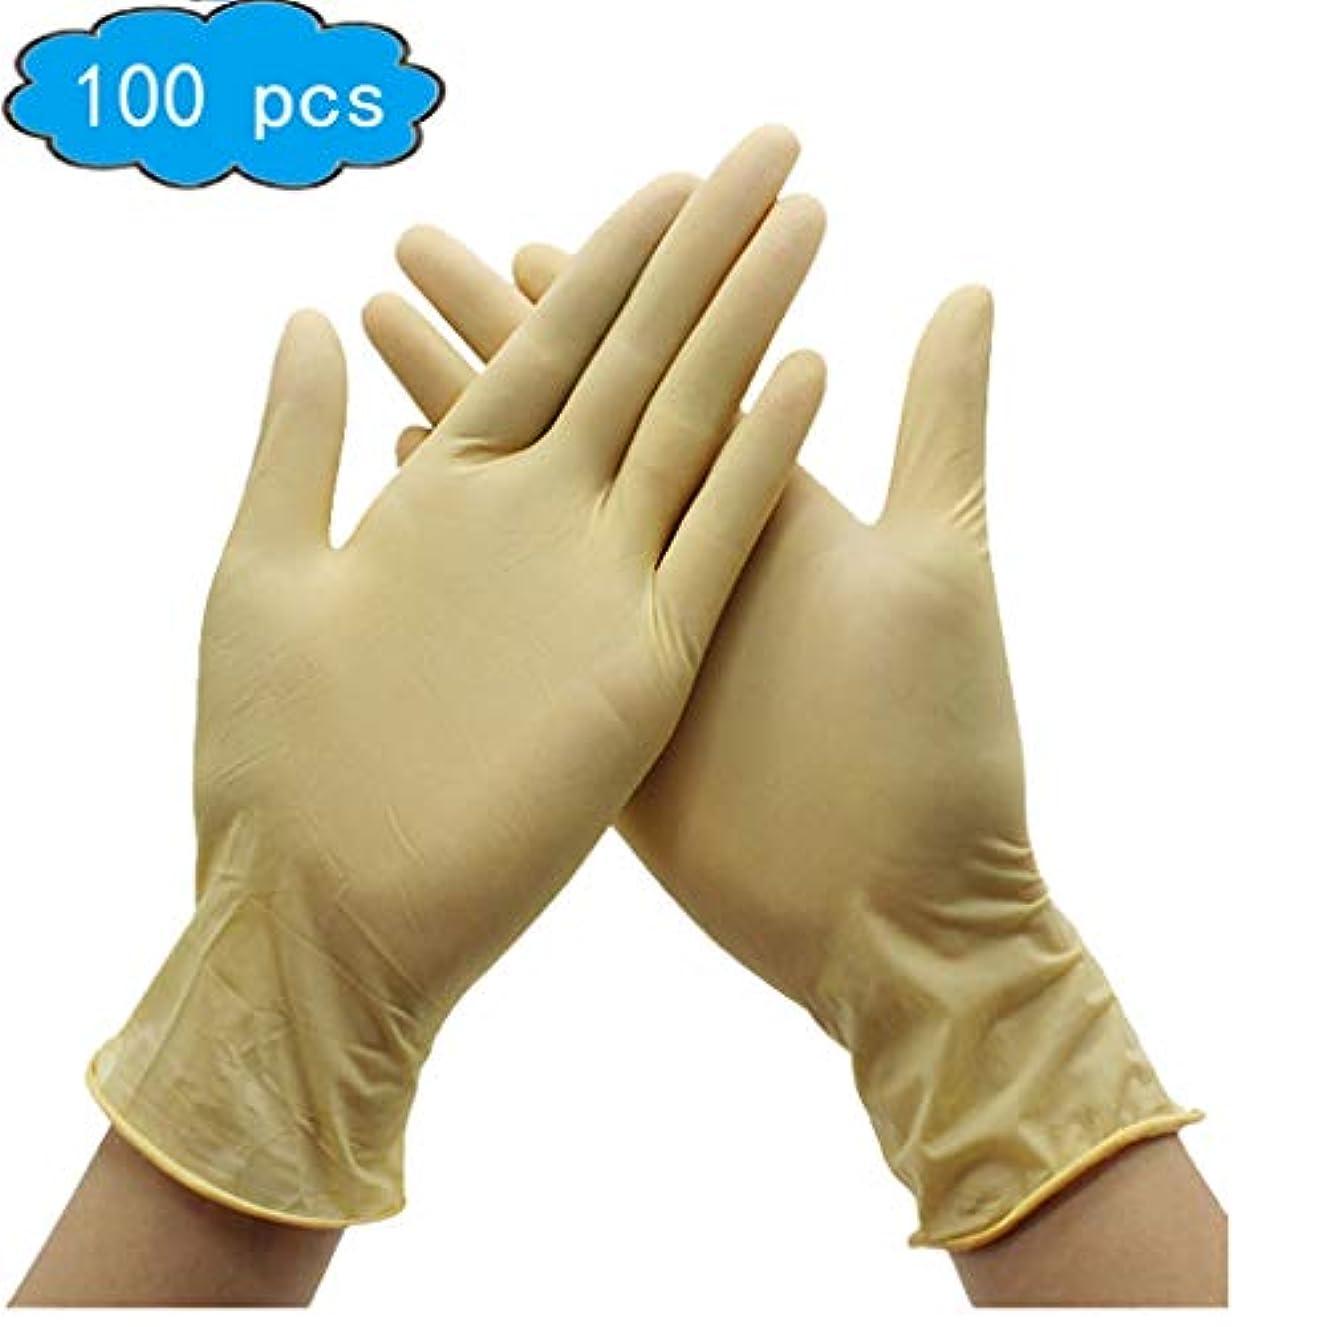 パニック女将合併症ラテックス手袋、試験/食品グレードの安全製品、使い捨て手袋および手袋Dispensers 100psc、衛生手袋、健康、家庭用ベビーケア (Color : Beige, Size : L)